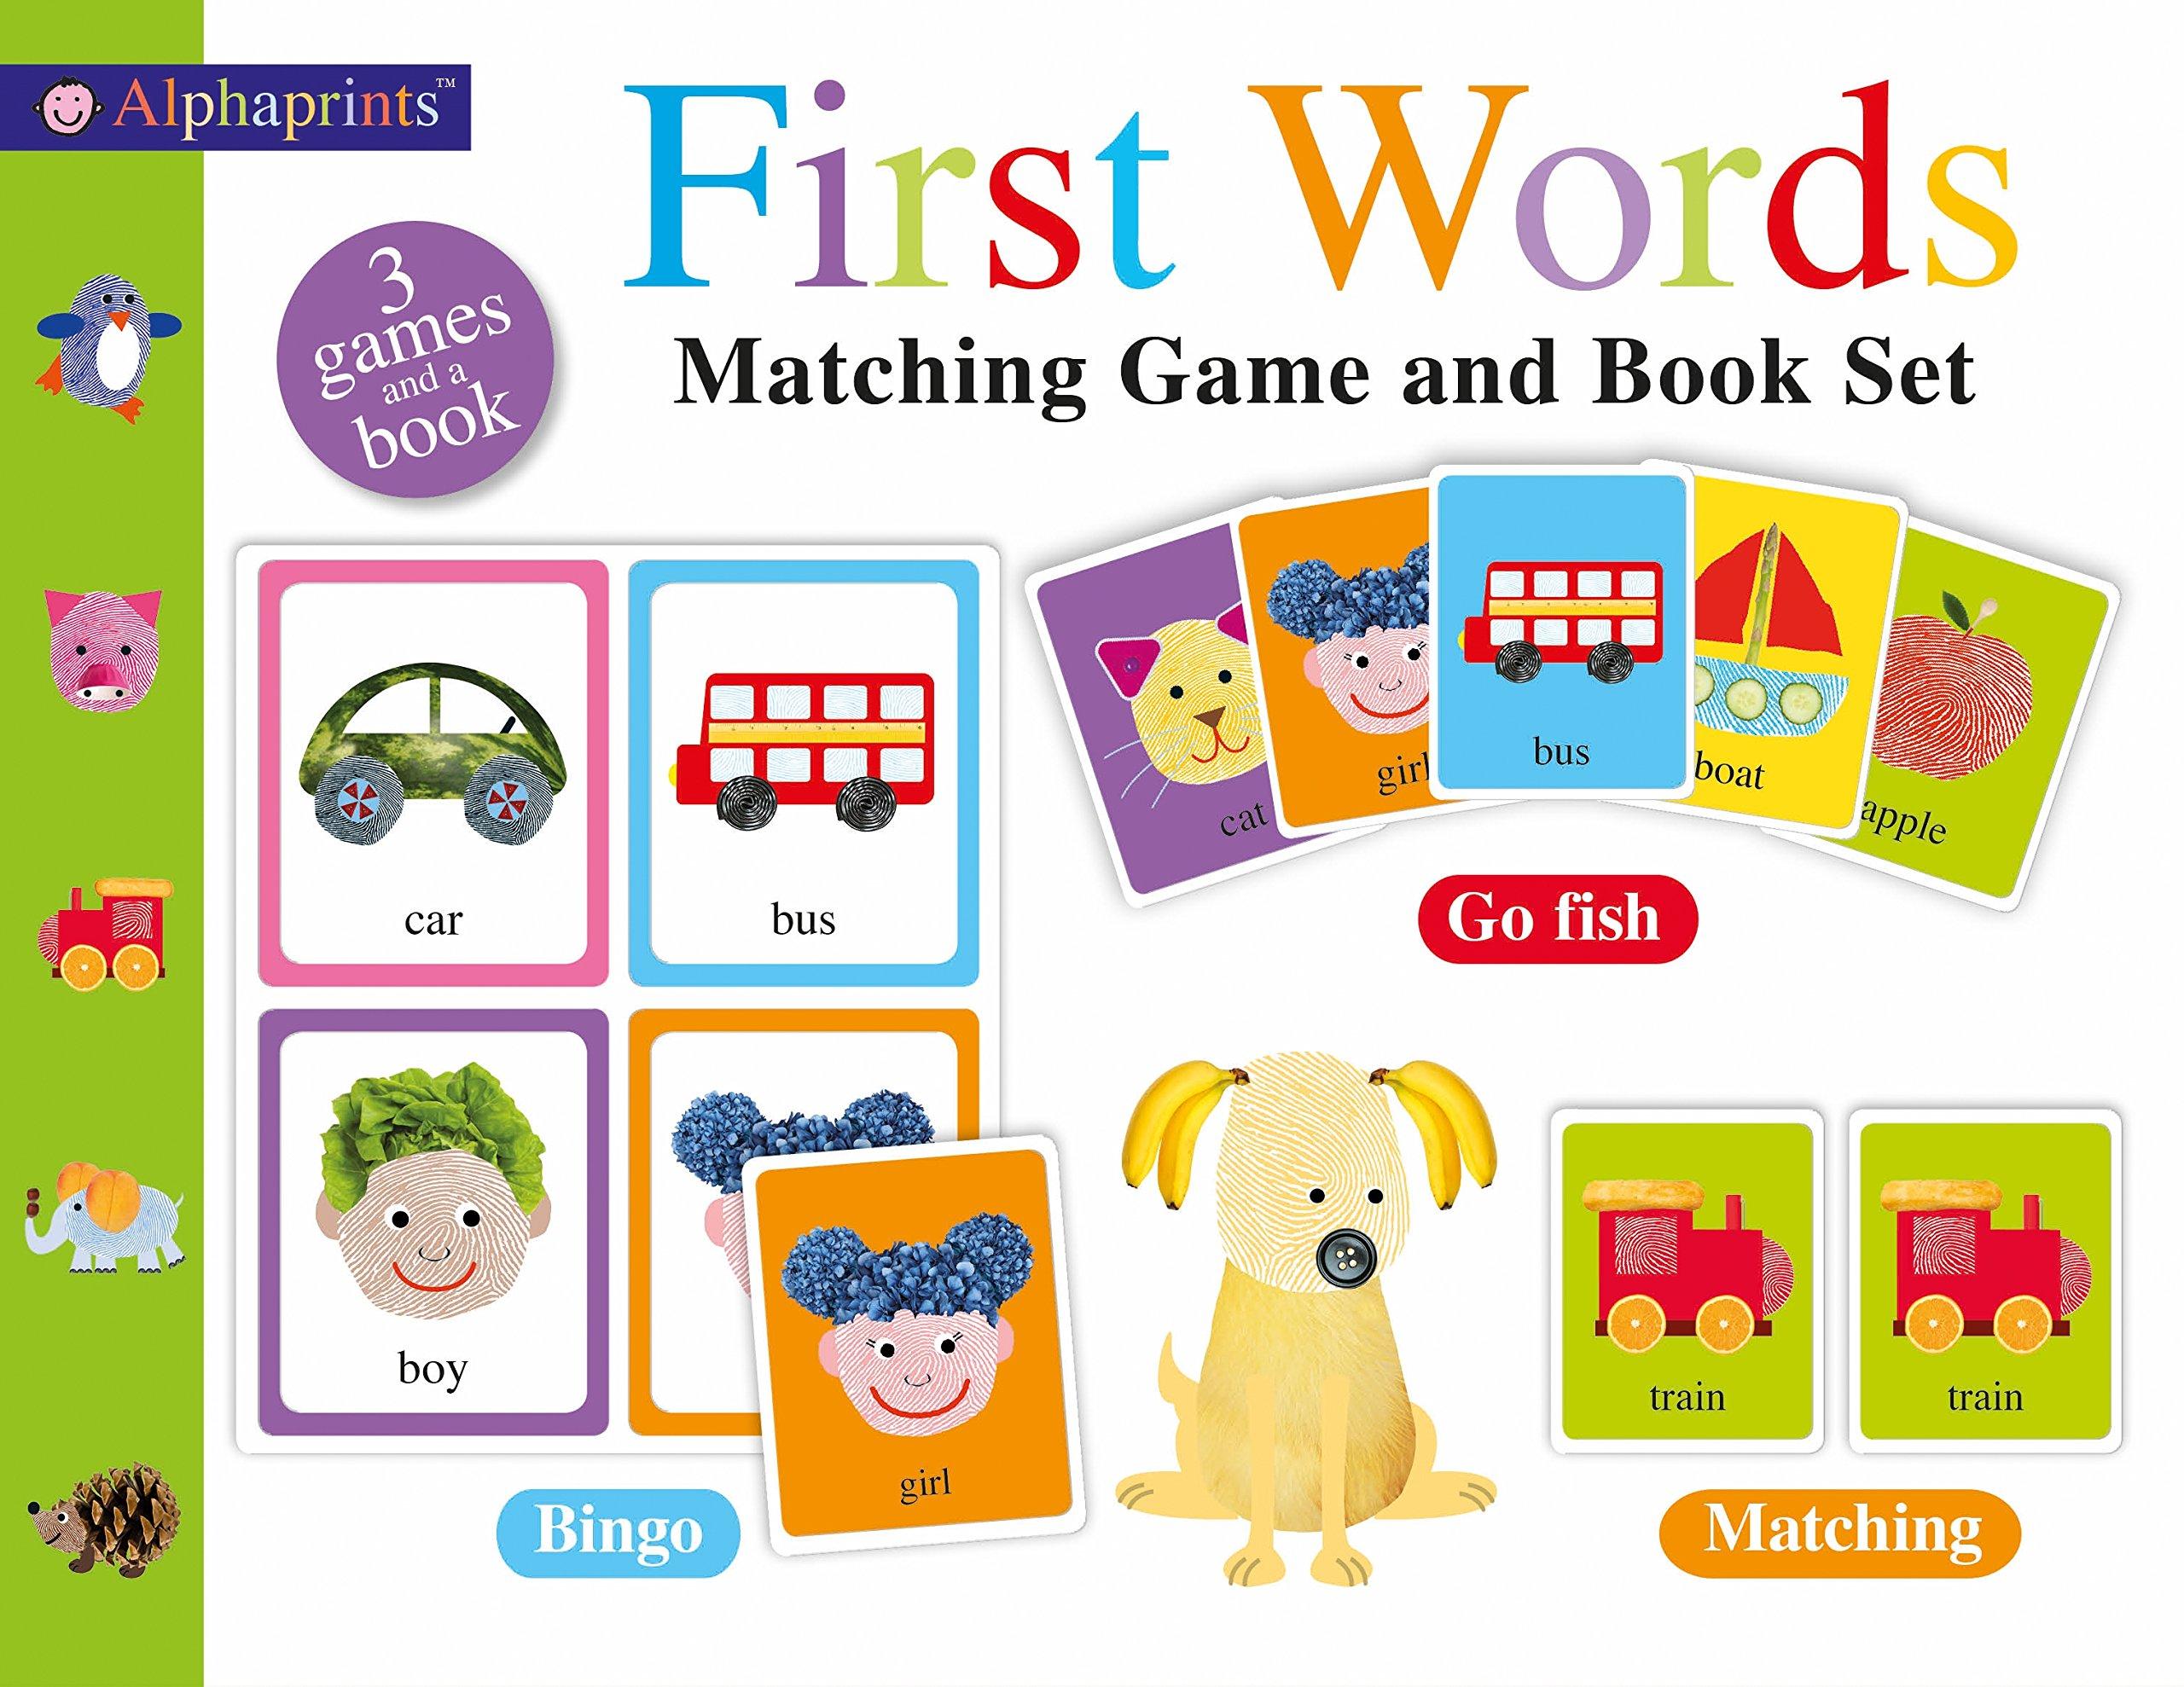 Alphaprints First Words Matching Set